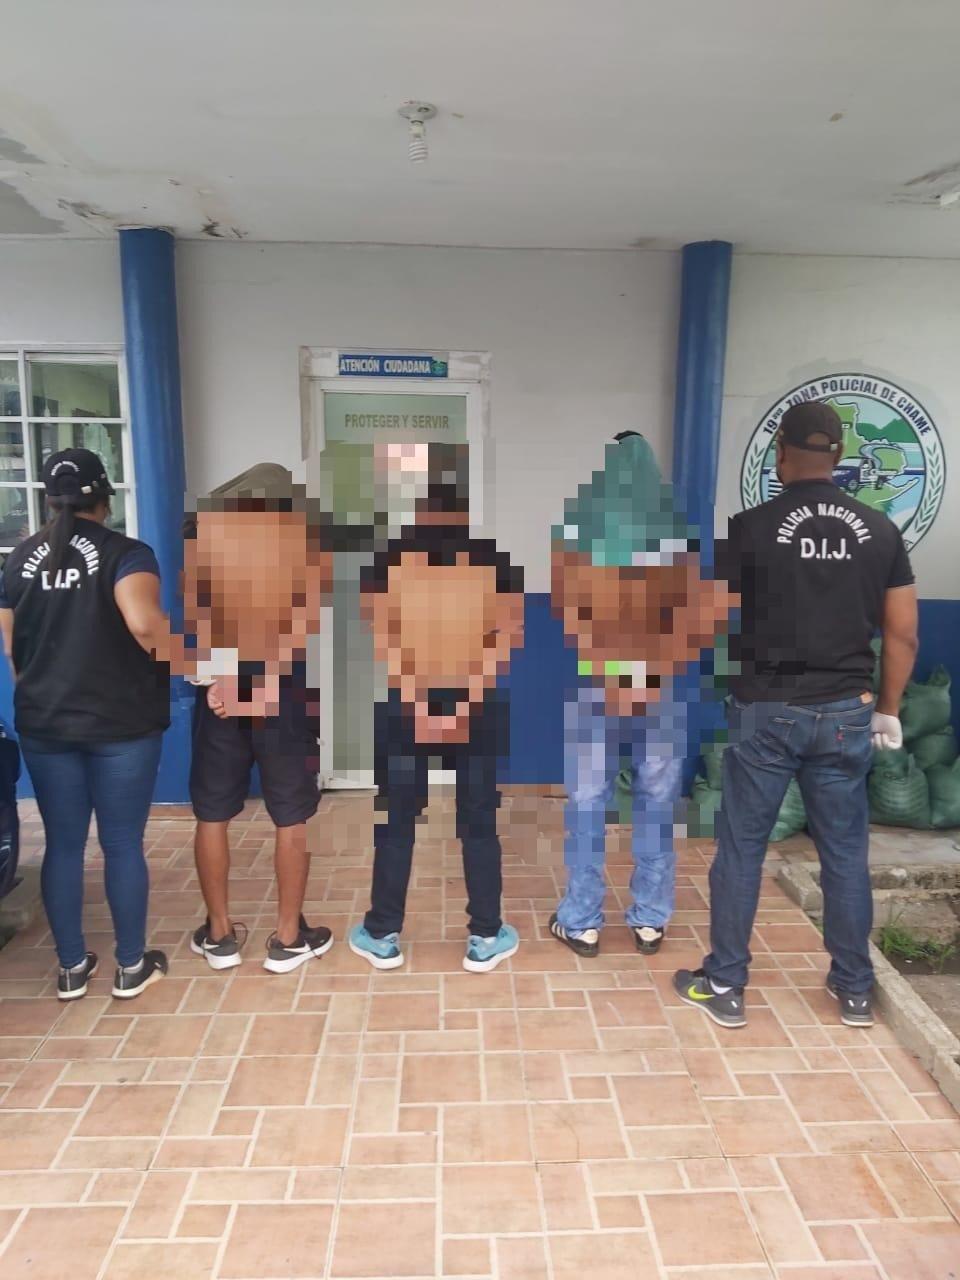 """La noche del 4 de junio, los tres hombres, llegaron a la residencia 136 en la barriada Villa Mireya en el distrito de Capira y atacaron a tiros a los miembros de una familia, hiriendo mortalmente a """"Tavito""""."""